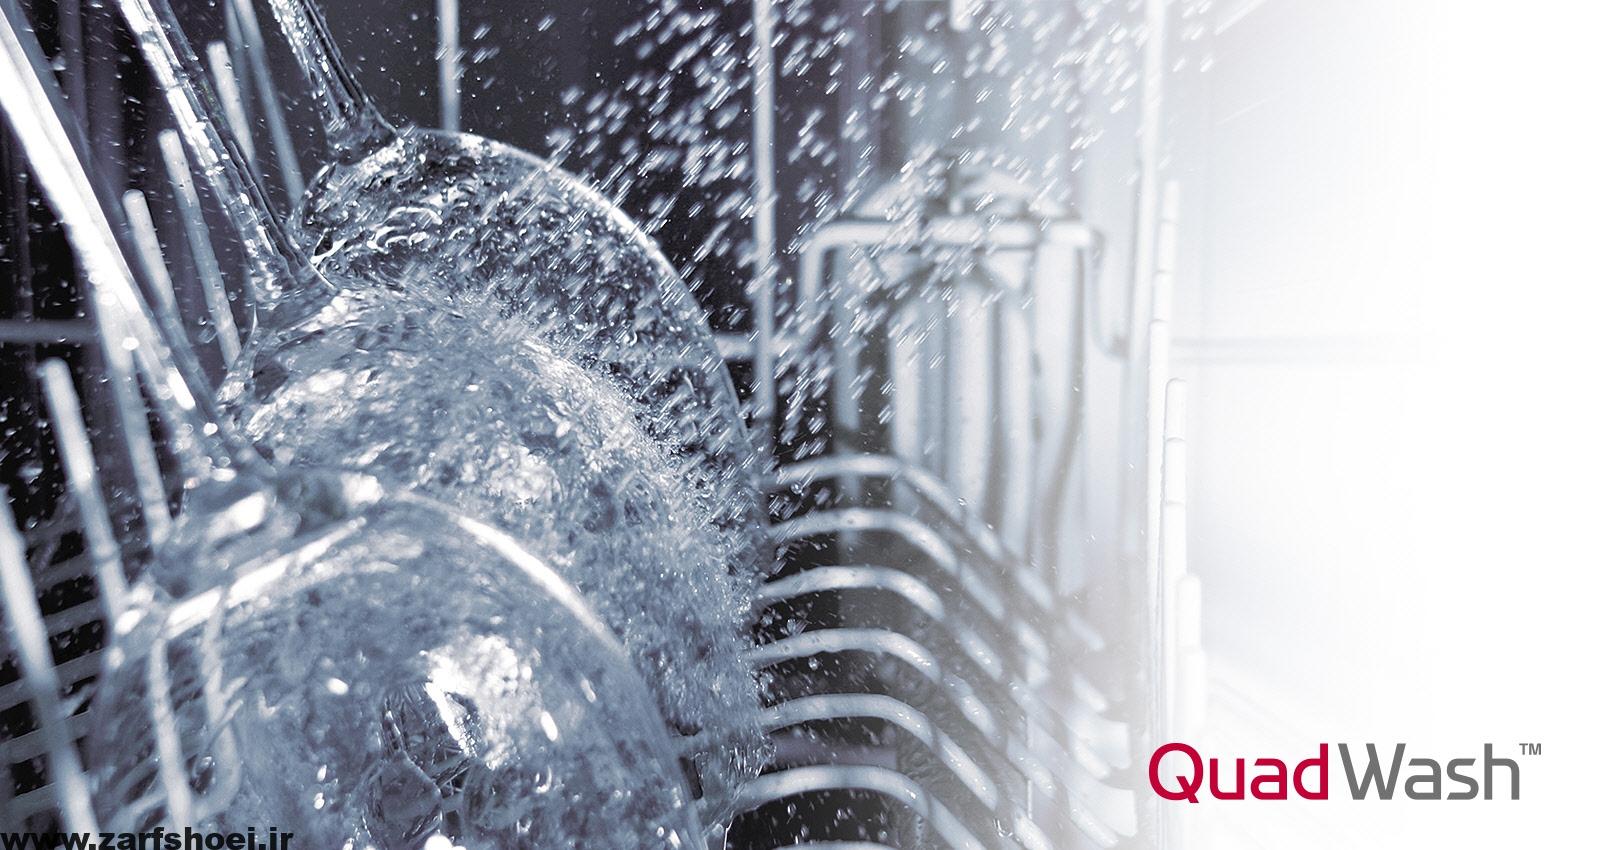 فروش ارزان ماشین ظرفشویی ال جی مدل 325 ظرفیت 14 نفره